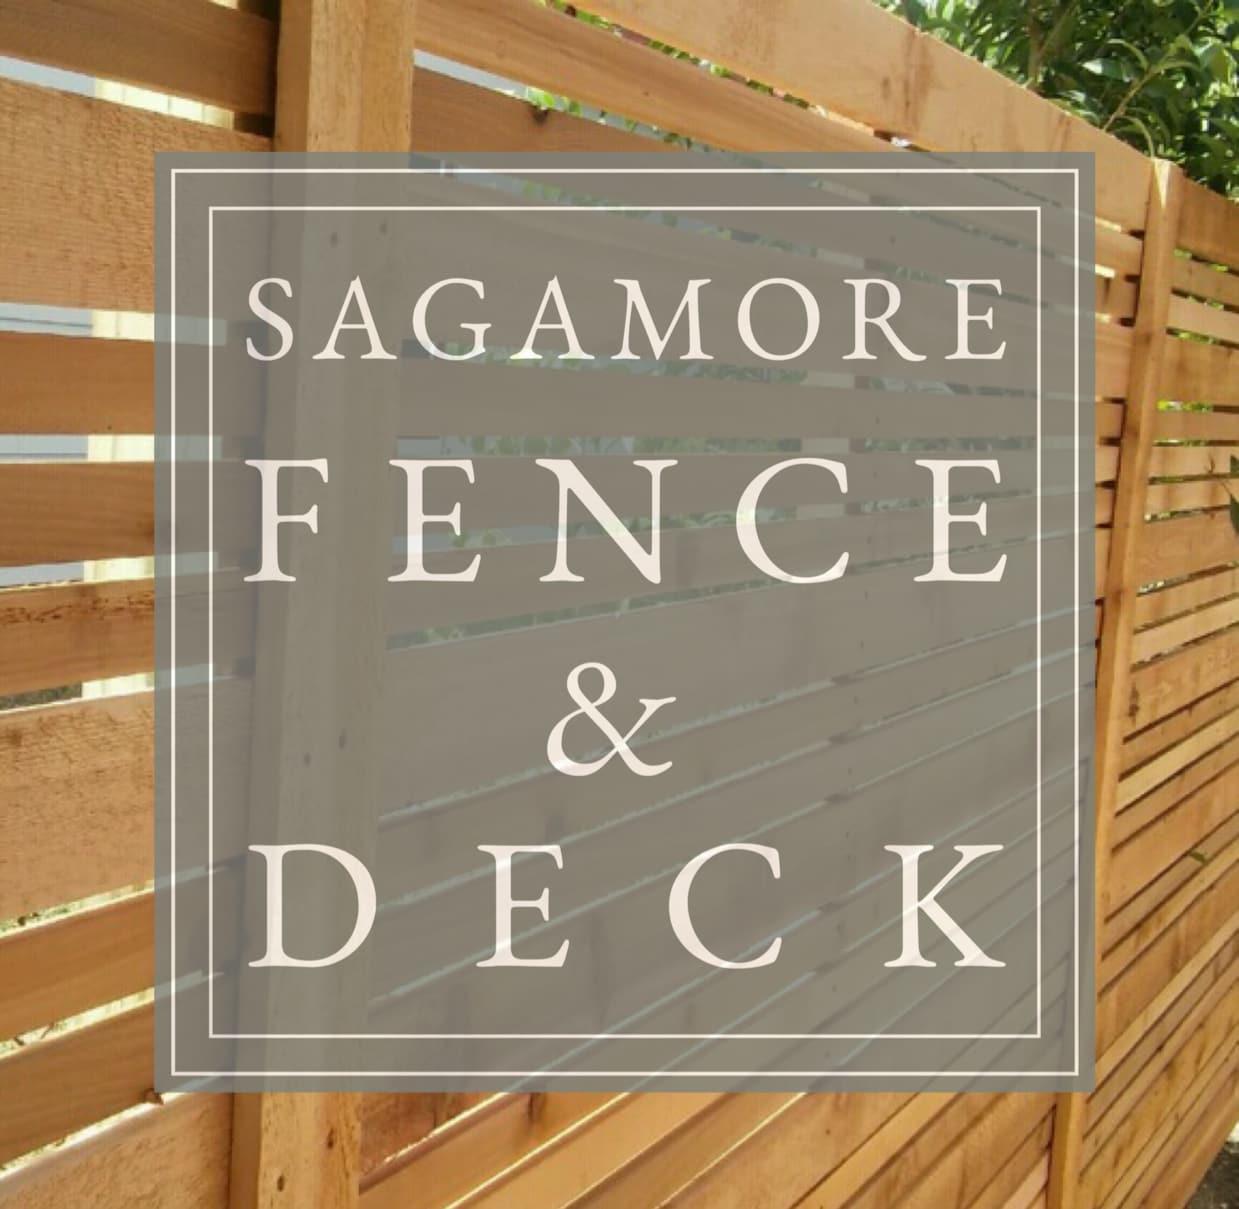 Sagamore Fence & Deck logo